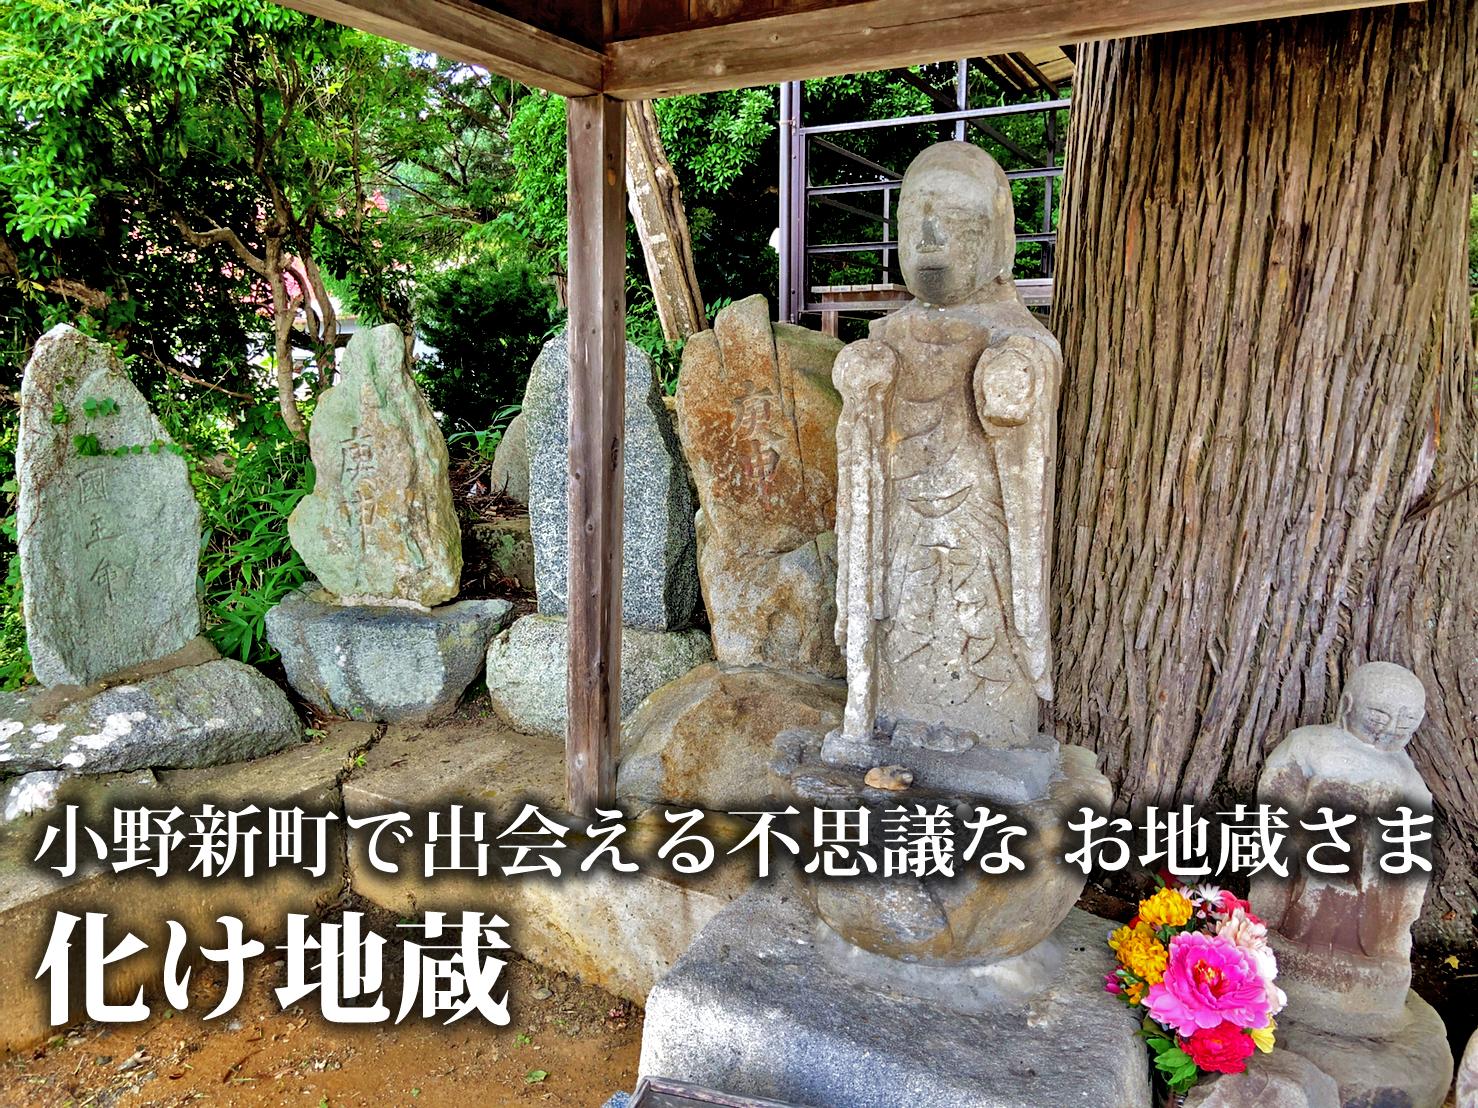 小野町スポット「なかまち地蔵公園の化け地蔵」(2021年8月22日)